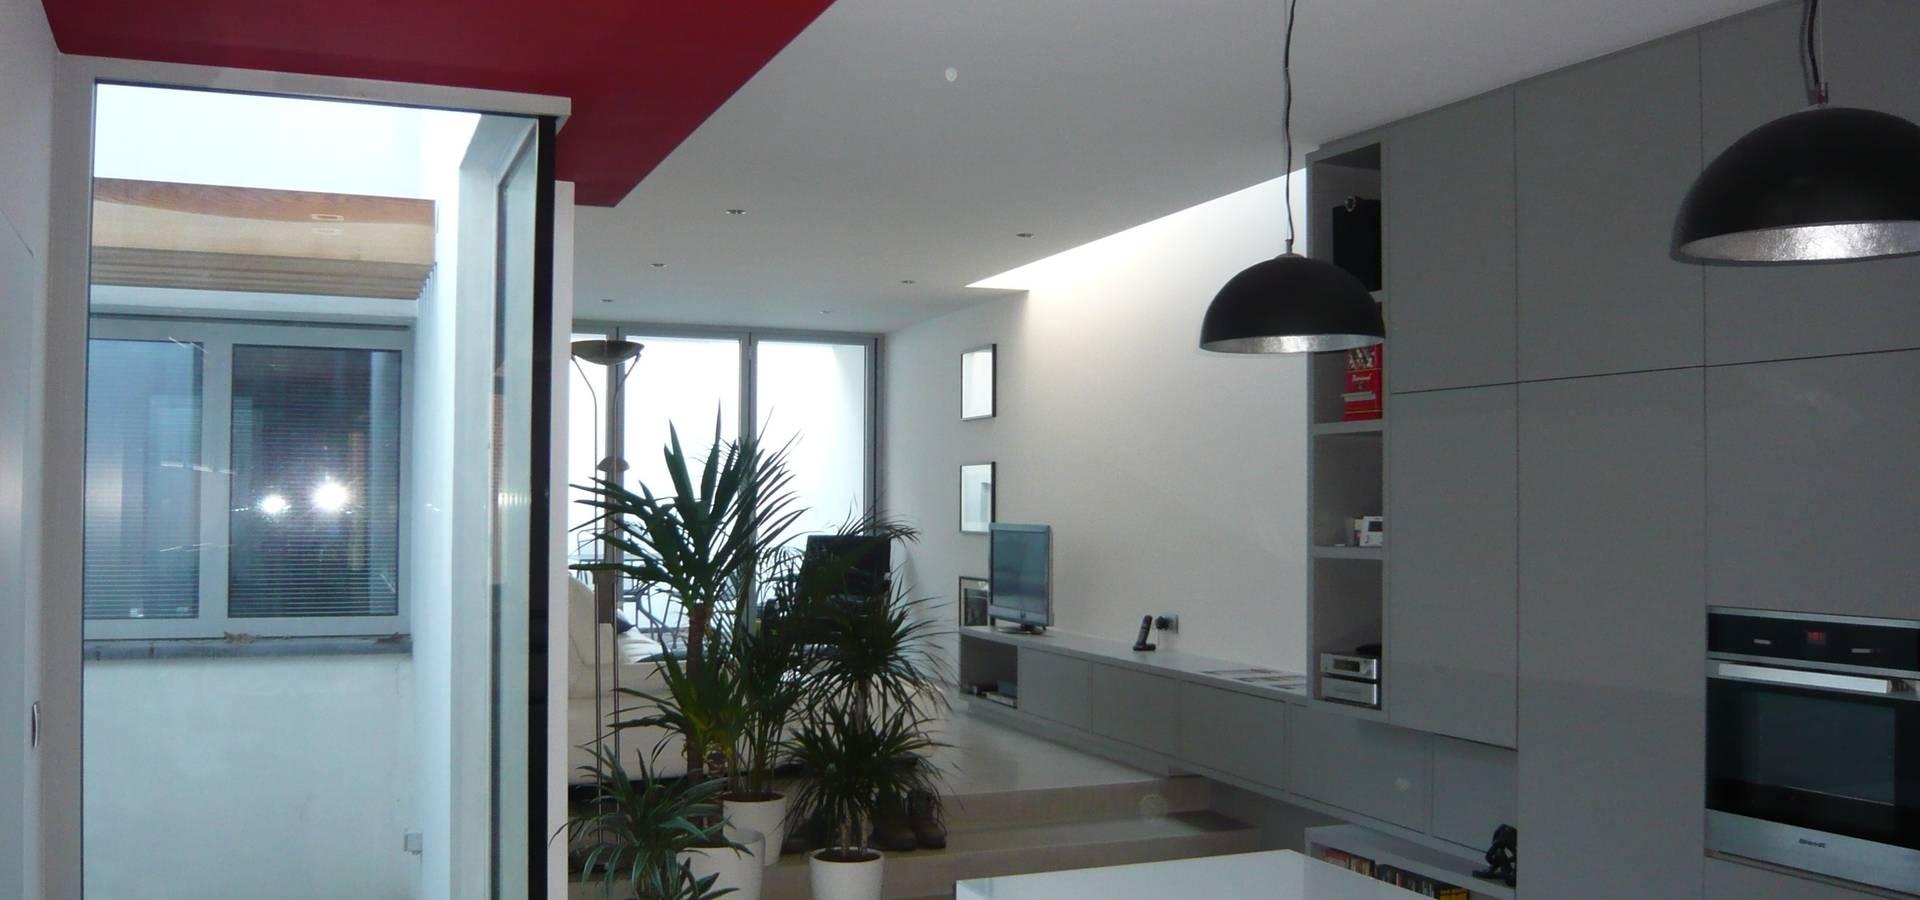 Atelier d'architecture François Misonne